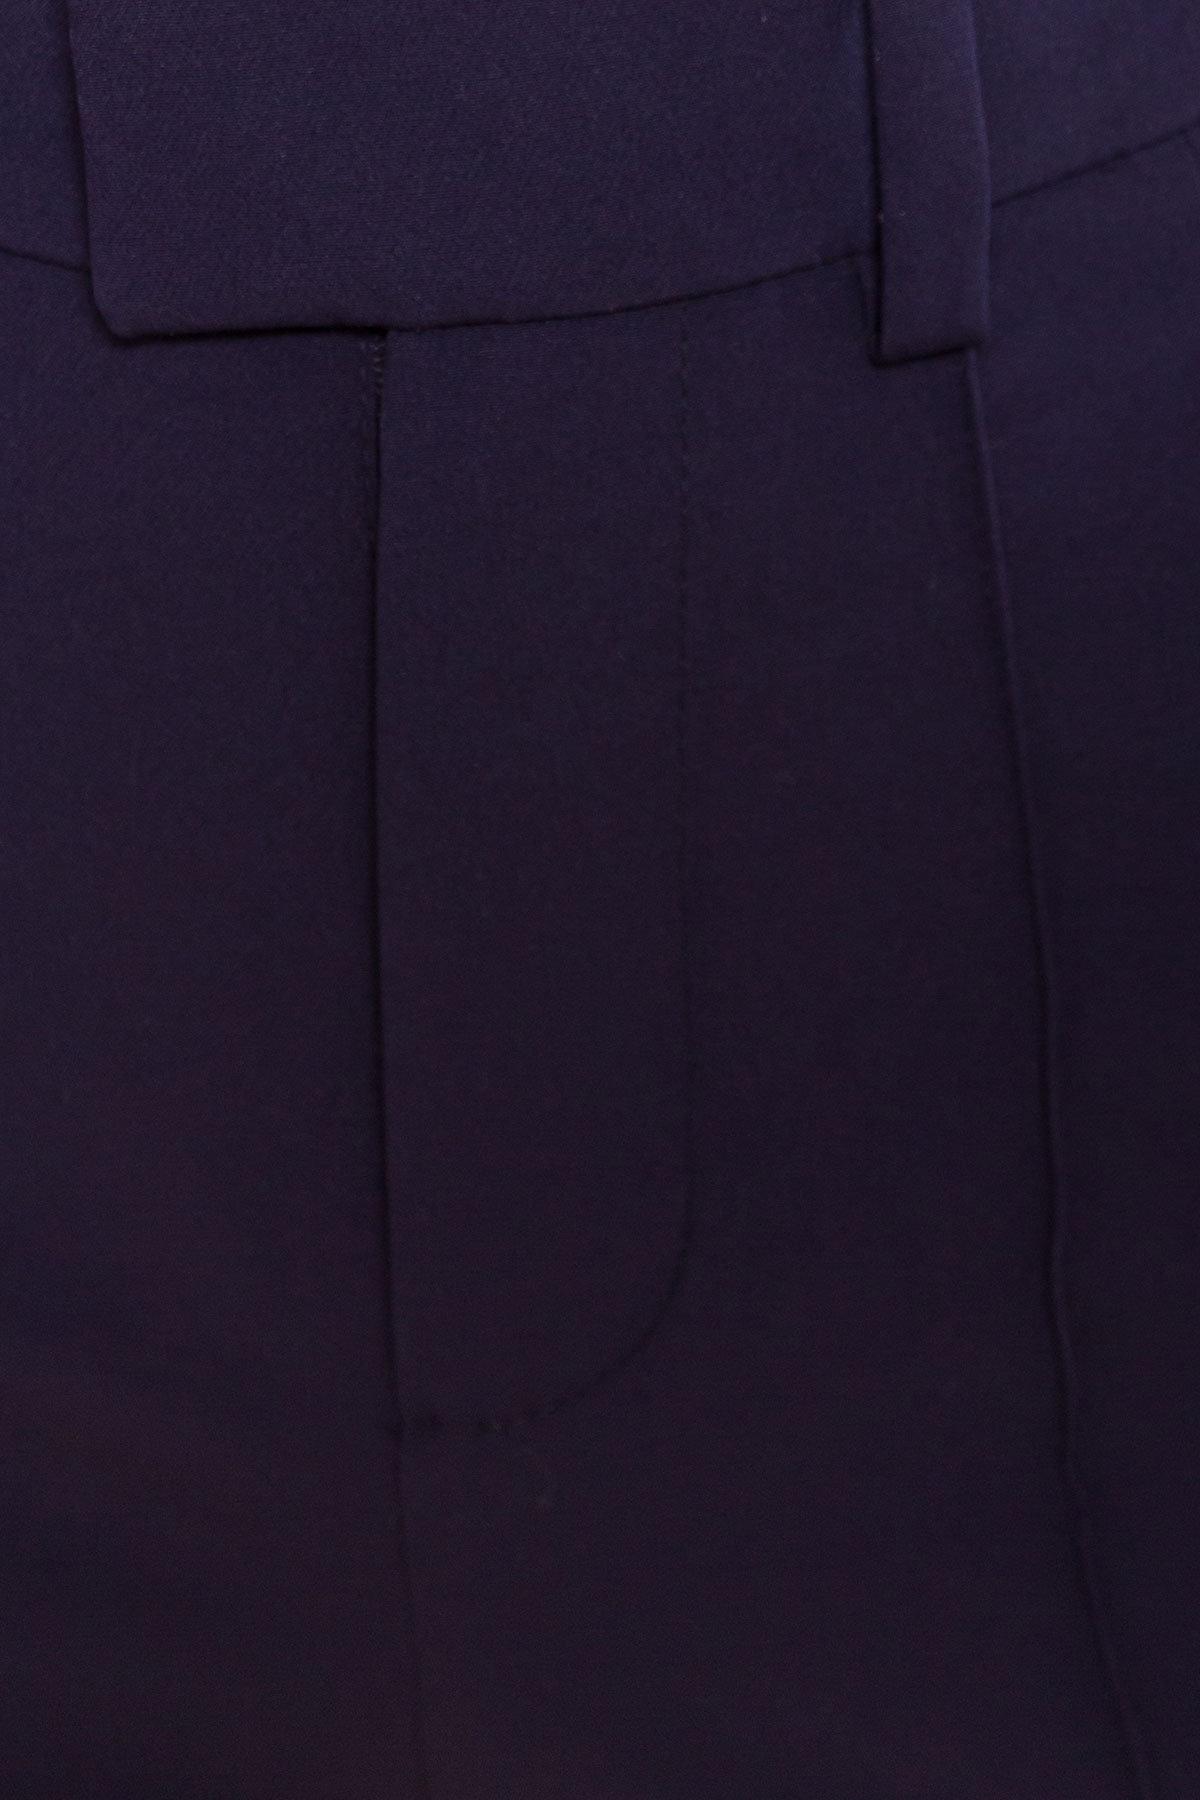 Брюки клеш Лакруа 3289 АРТ. 16799 Цвет: Тёмно - синий - фото 5, интернет магазин tm-modus.ru